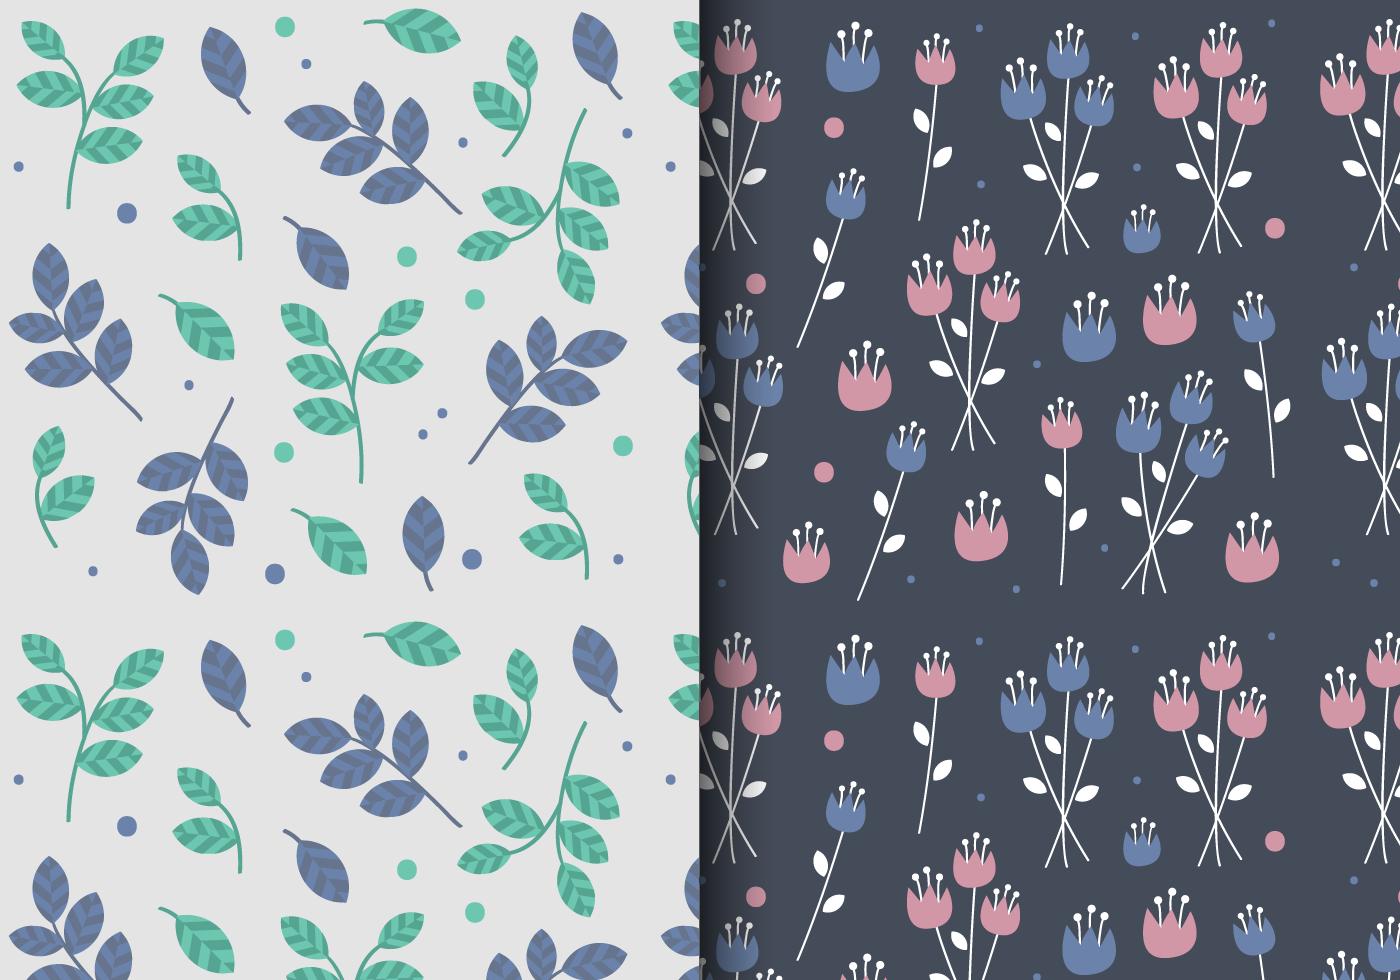 patron gratuit printemps floral t l chargez de l 39 art des graphiques et des images vectoriels. Black Bedroom Furniture Sets. Home Design Ideas